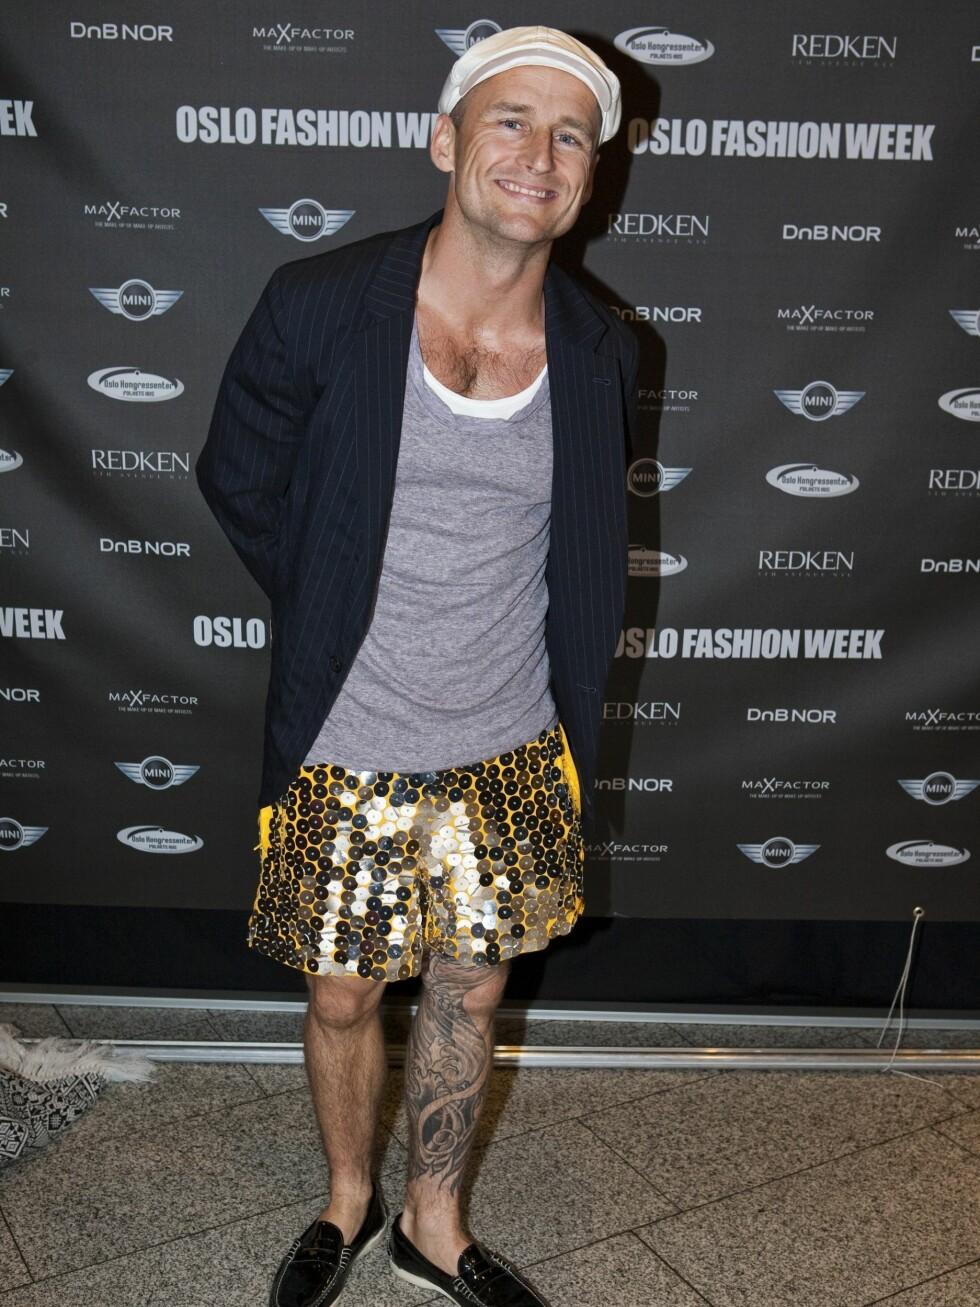 Snowboardkjører Daniel Franck i shorts med gullpaljetter.